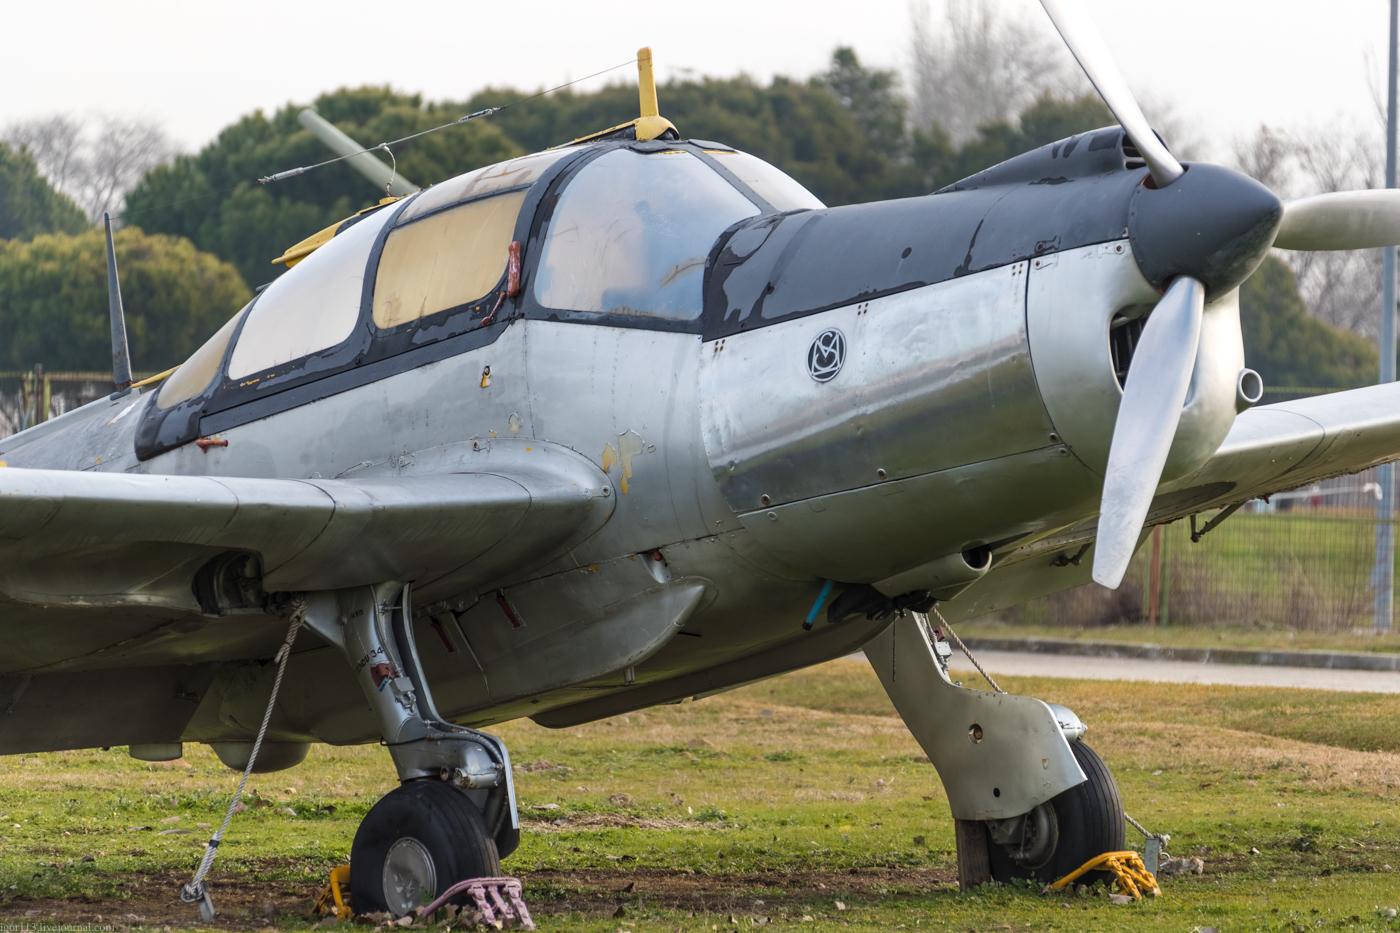 Museo del Aire: учебно-тренировочный самолет Morane Saulnier MS-733 Alcyon.